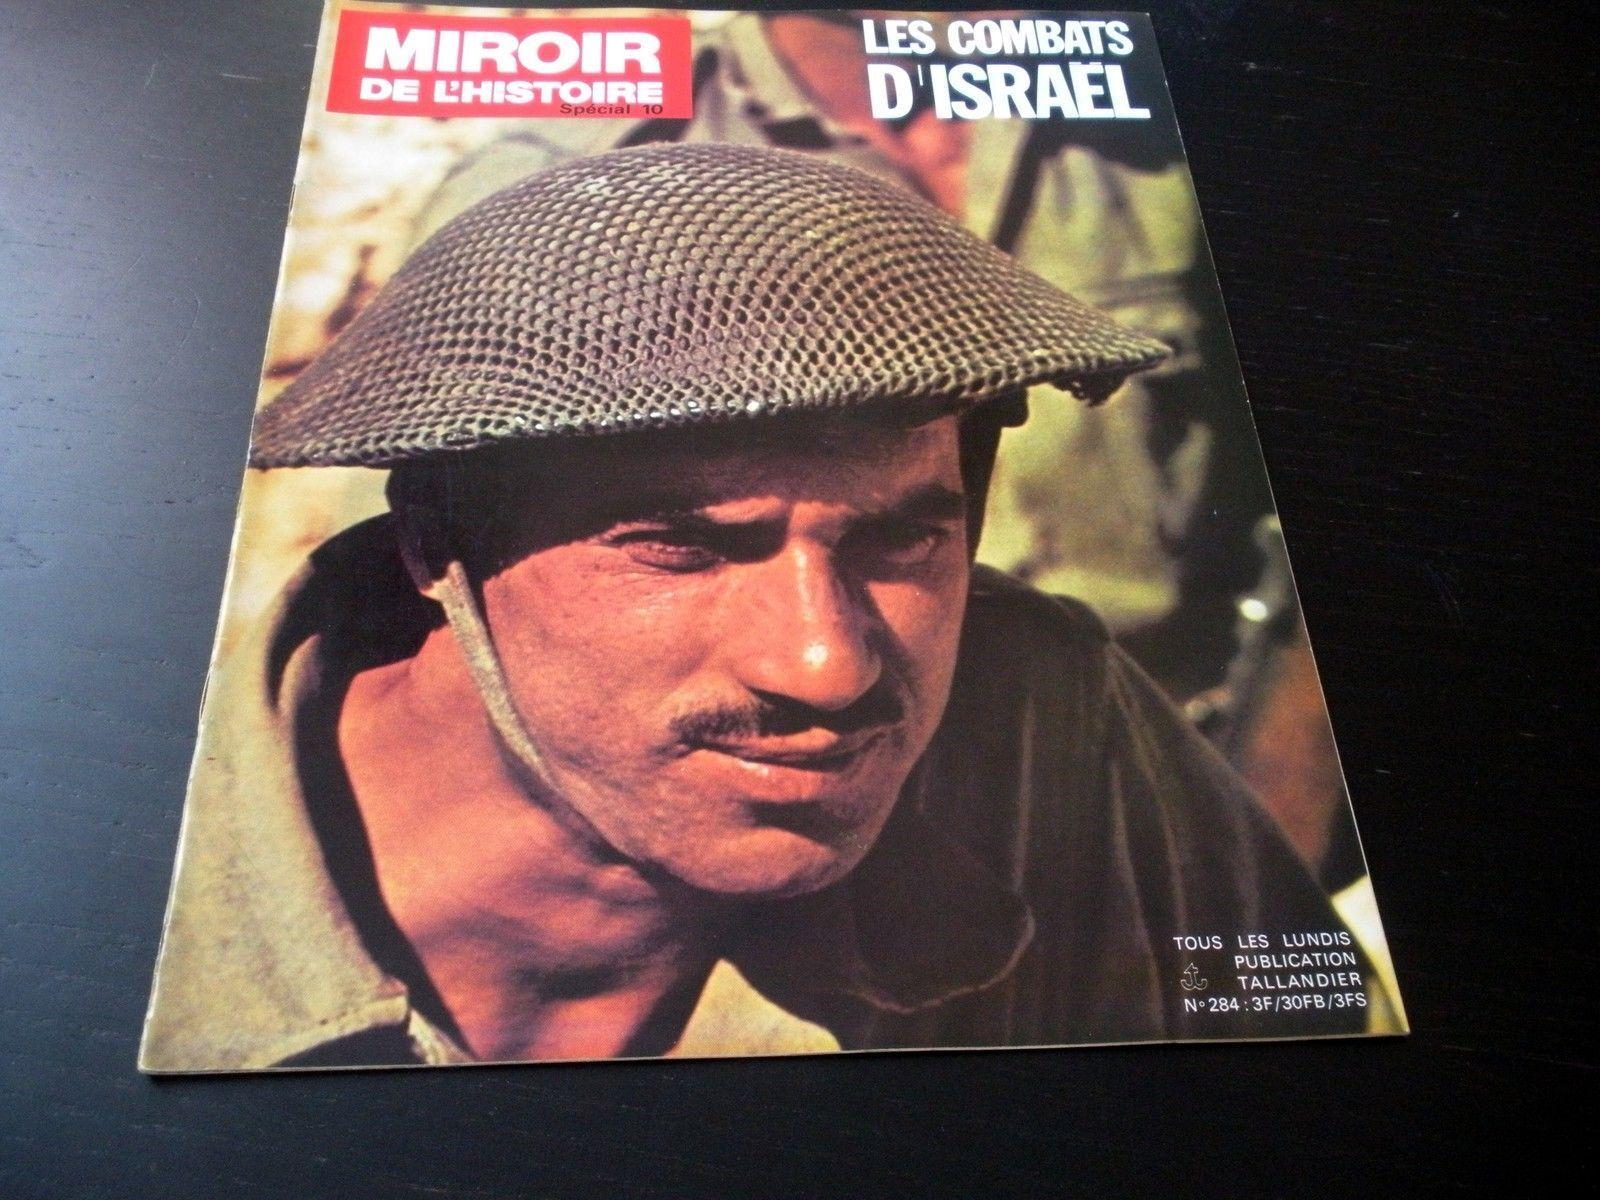 Les combats d 39 isra l lot de 30 magazines miroir de l for Miroir de l histoire